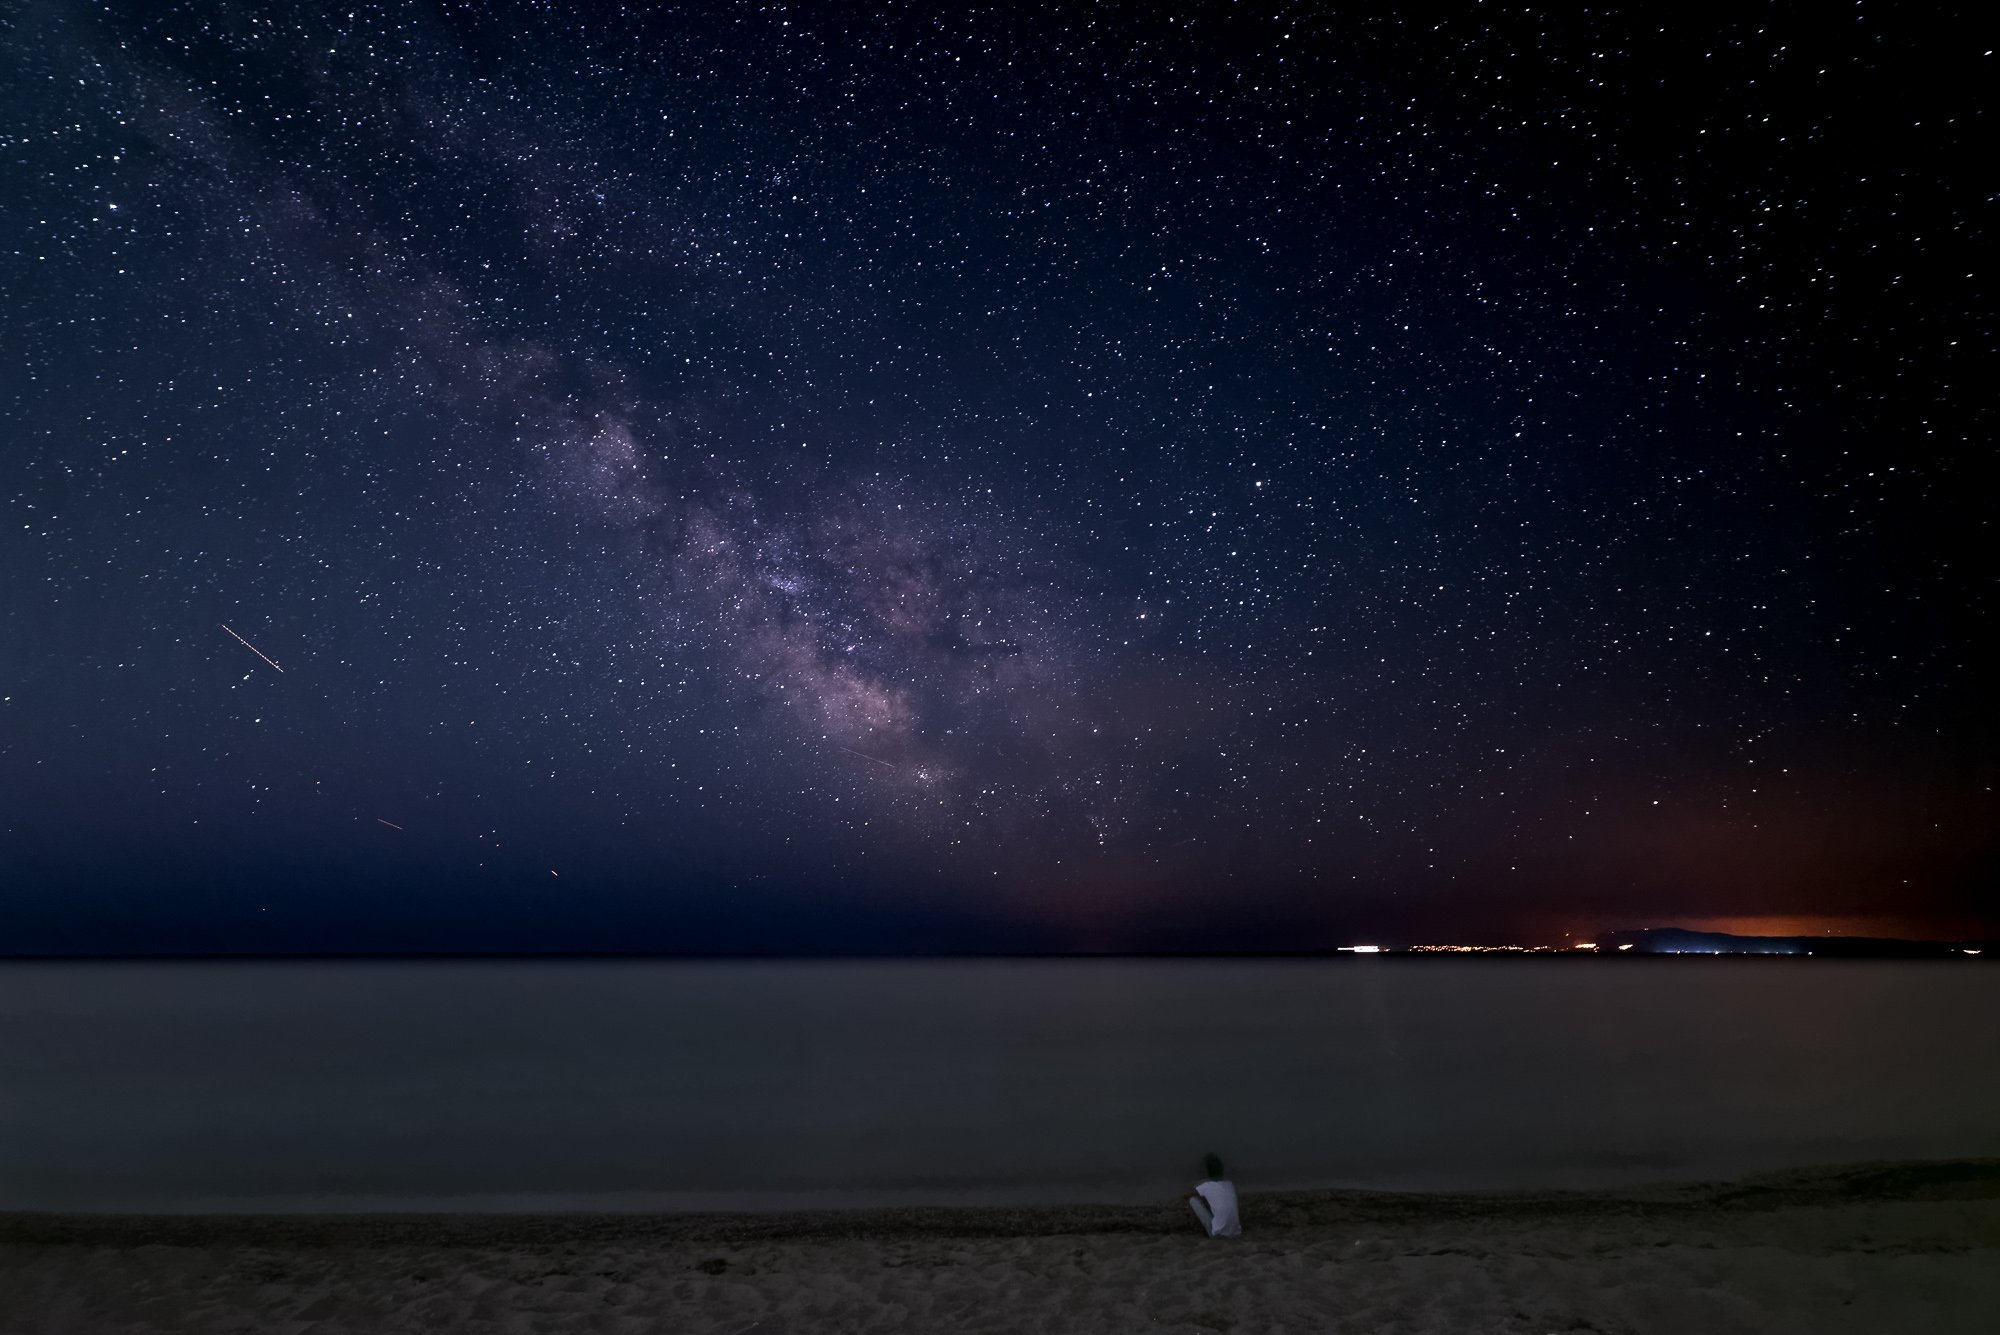 пейзаж, ночь, звезды, звездное небо, море, человек, Дмитрий Старостенков